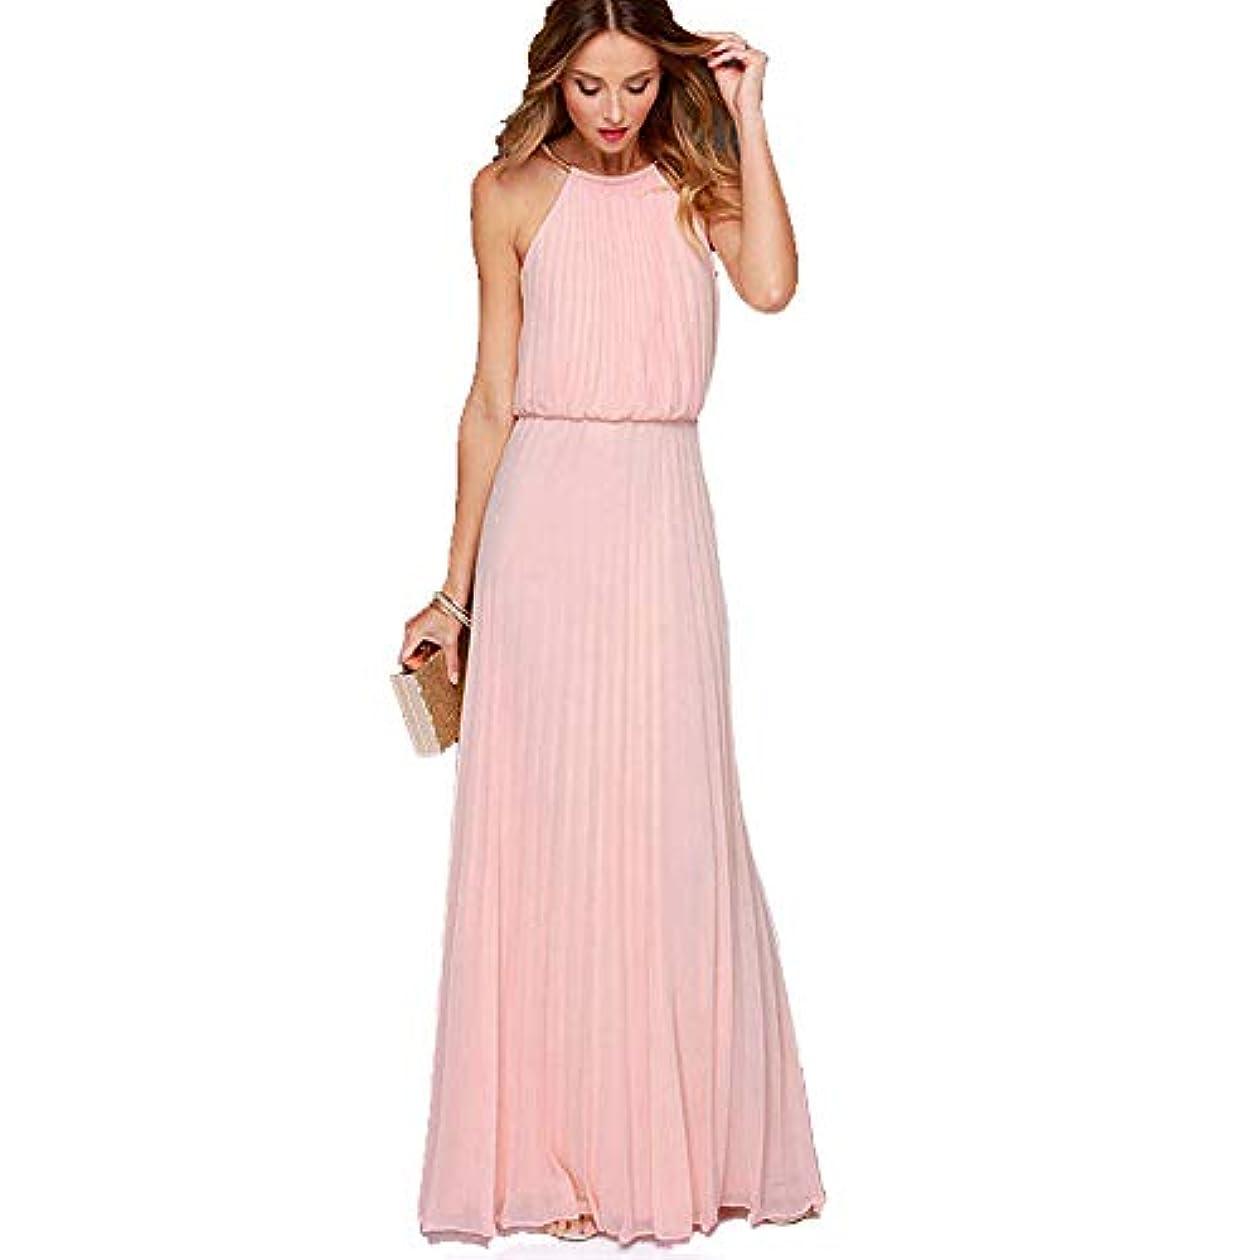 名義で特派員複製するMIFANロングドレス、セクシーなドレス、エレガント、女性のファッション、ノースリーブのドレス、ファッションドレス、ニット、スリム